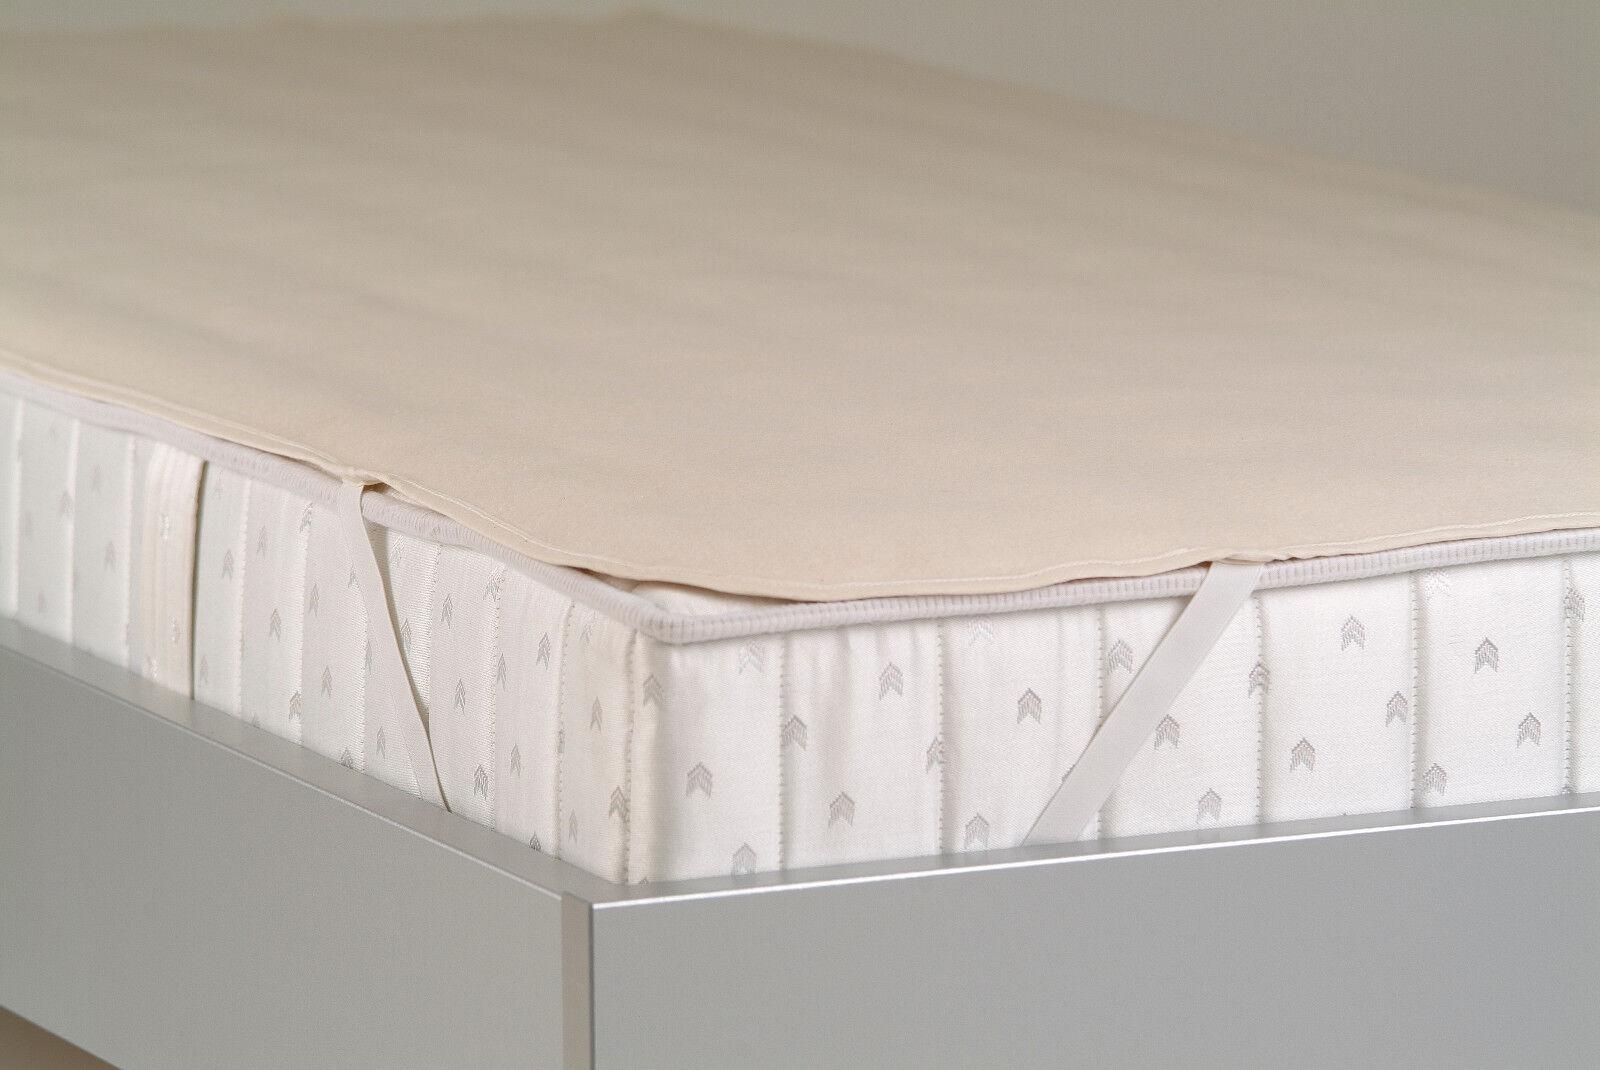 Matratzenauflage, Molton 180 x 220 cm, Matratzenschoner, deutsches deutsches deutsches Produkt 35aac3